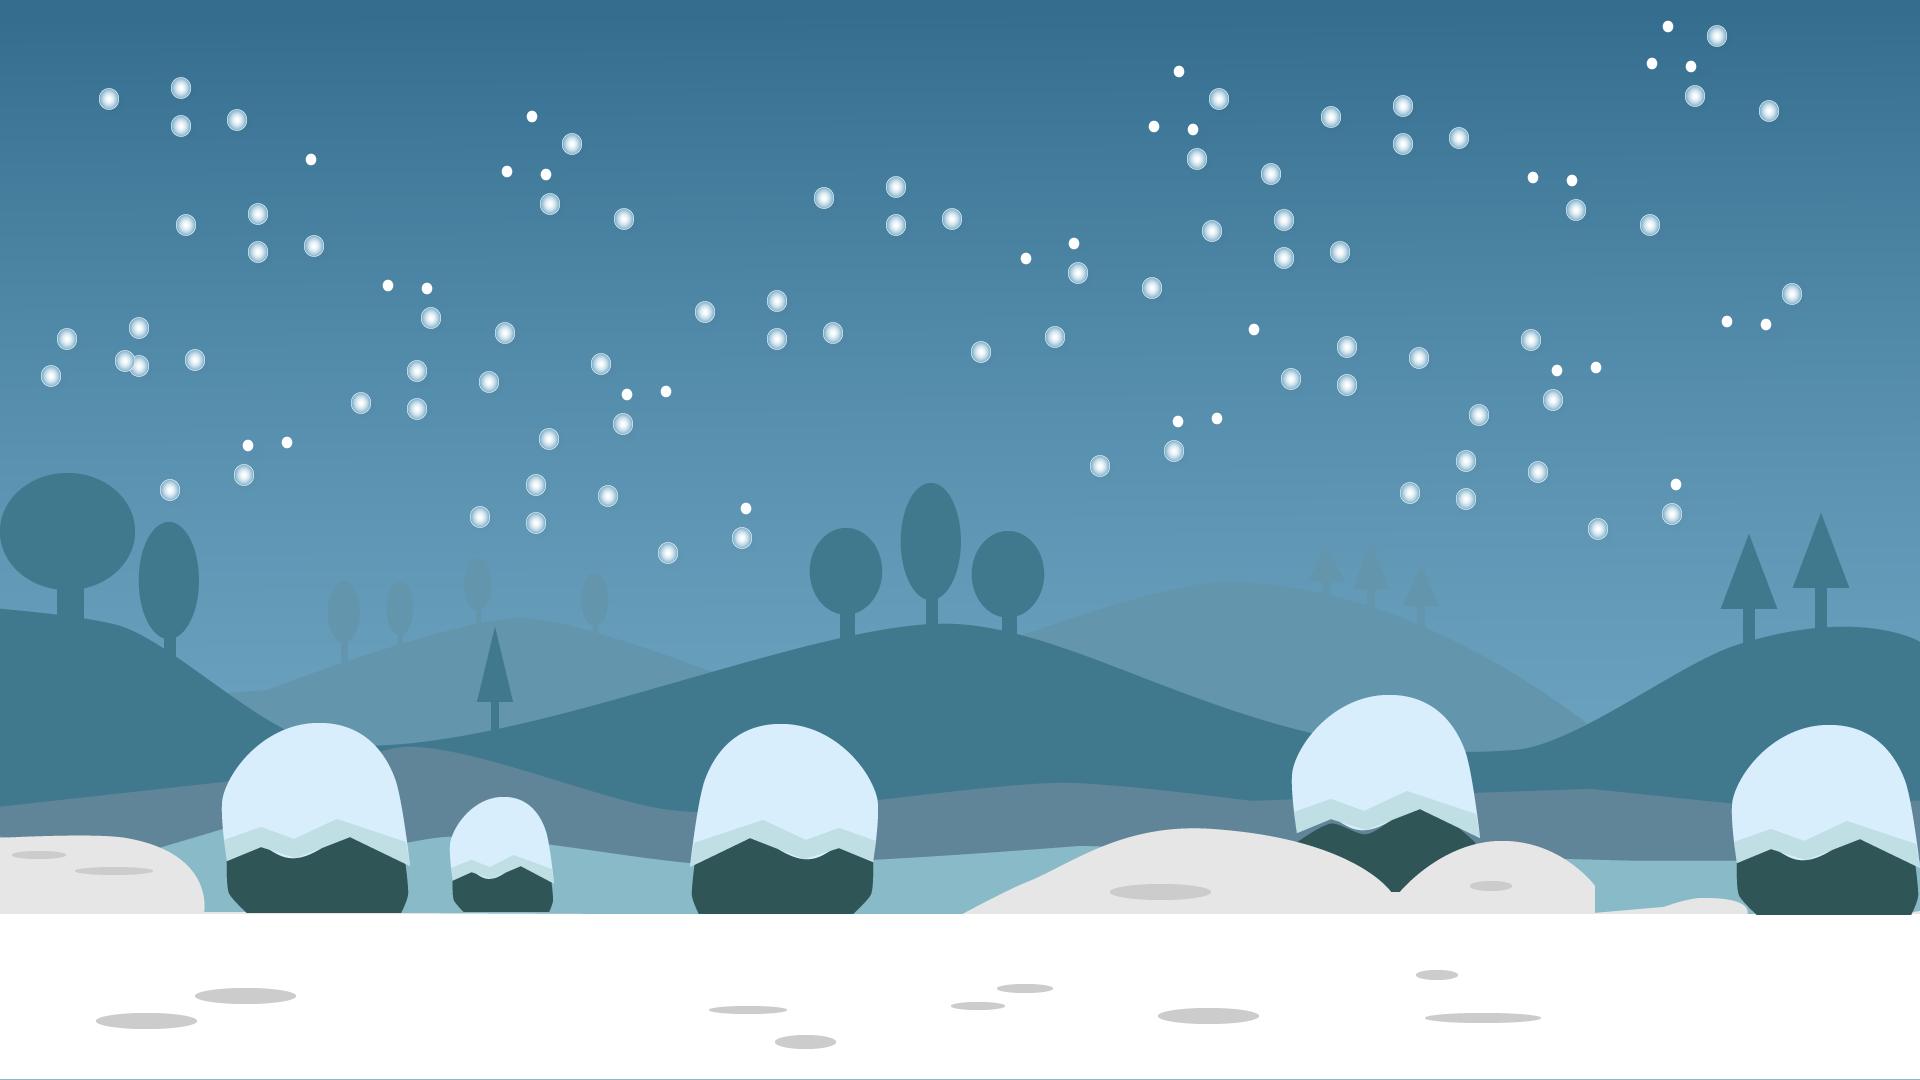 Winter scene clipart - Clipground